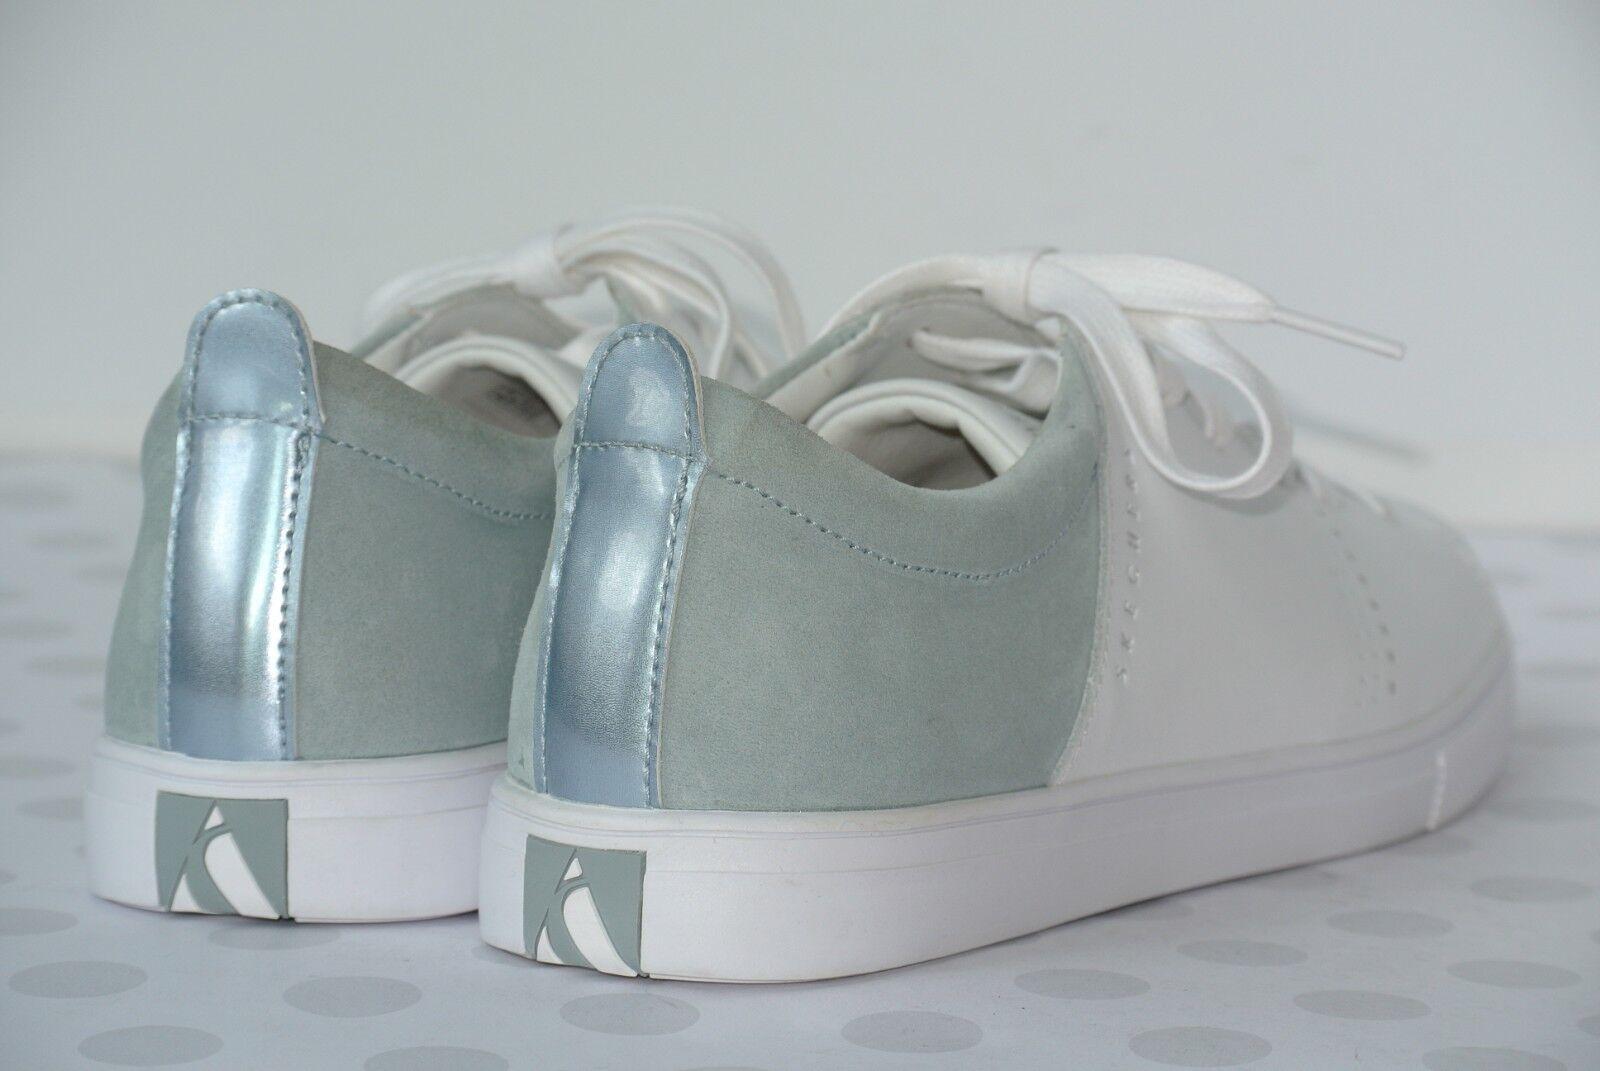 NEW Skechers Moda Moda Moda Clean Street femmes  Sz 6.5  blanc gris  Leather Sneakers 73480 0667ee